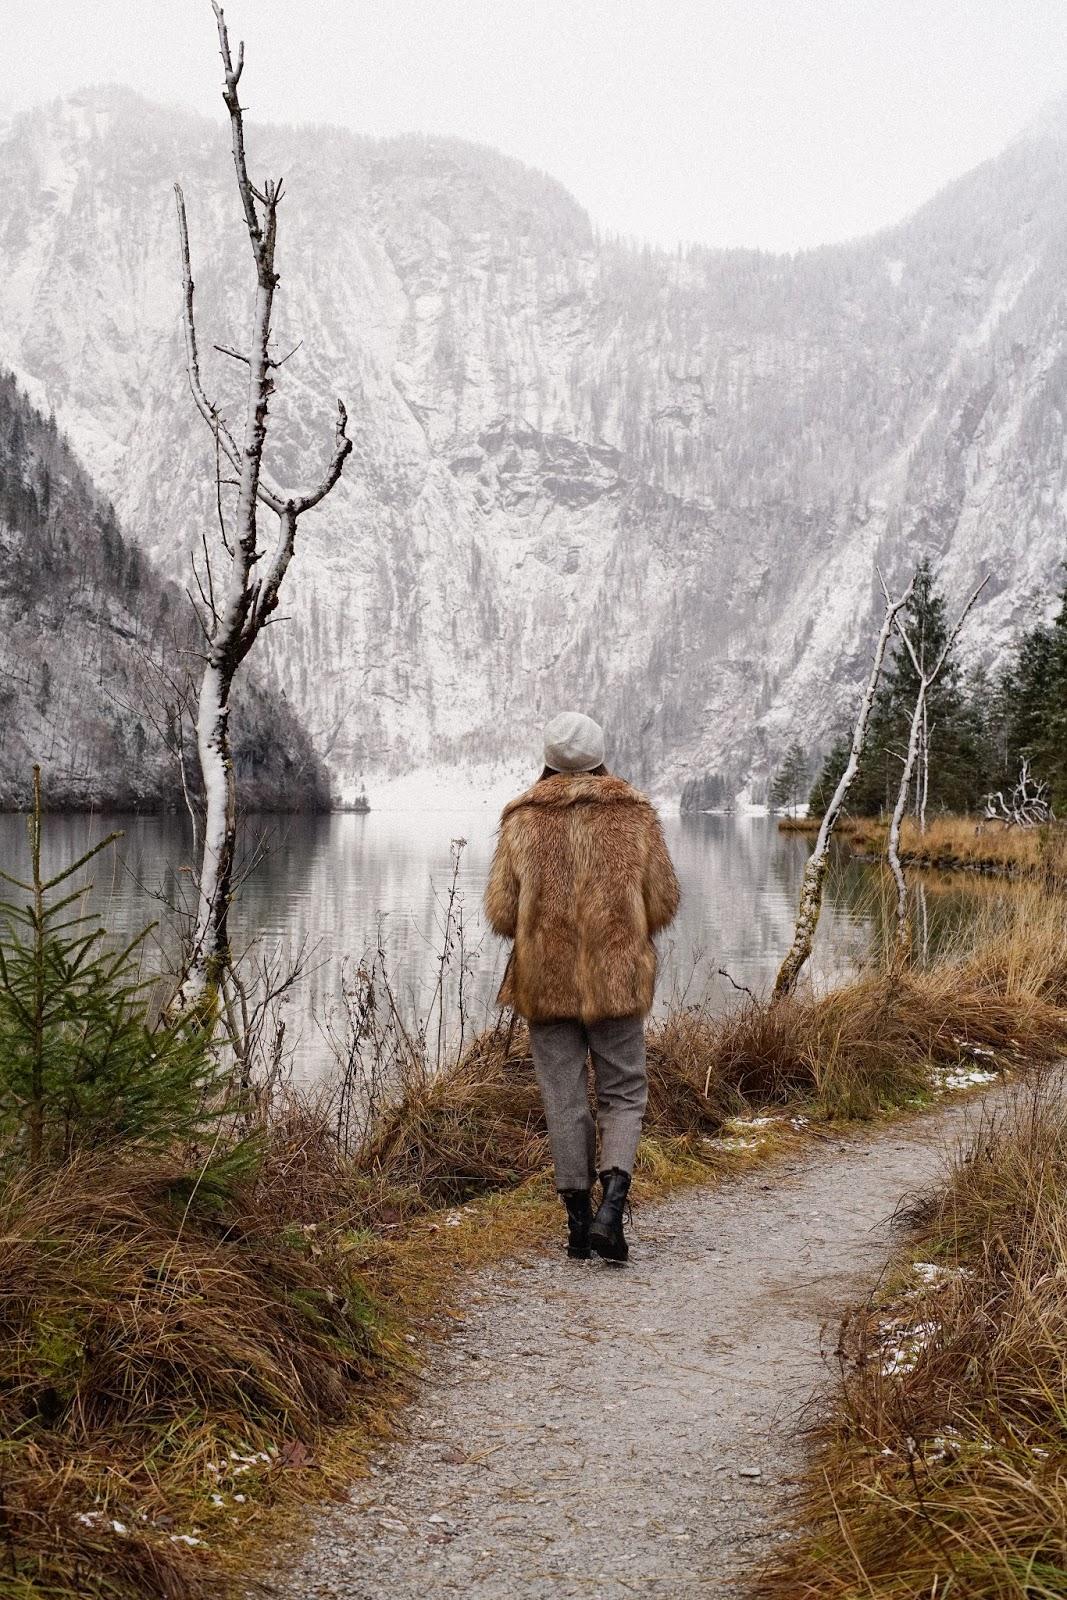 EISKAPELLE WATZMANN: WINTERWANDERUNG IN BERCHTESGADEN